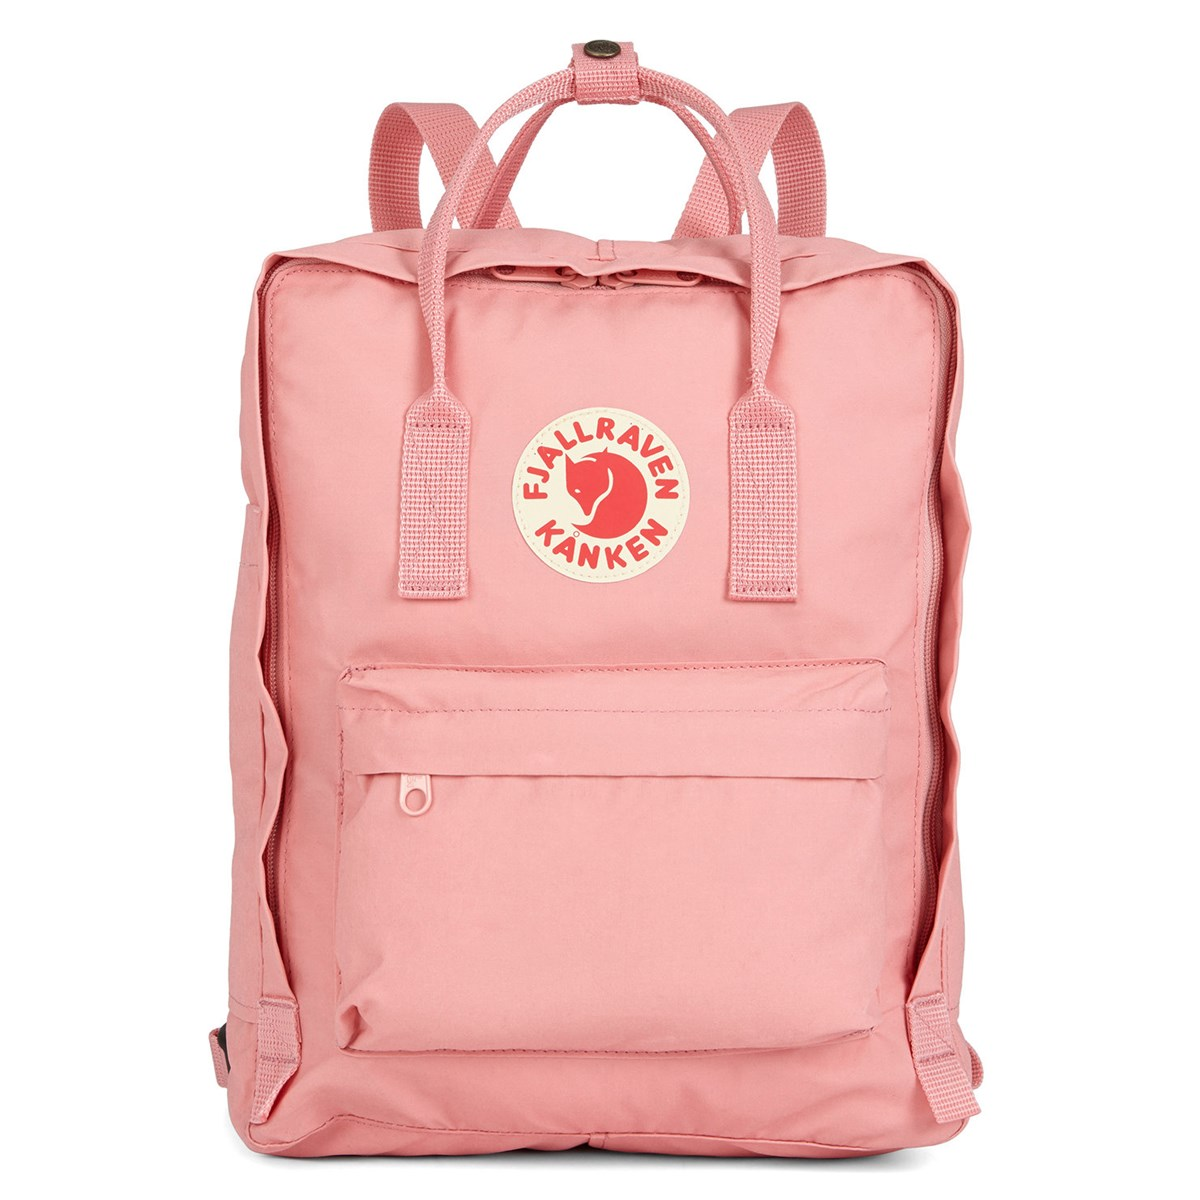 Kanken Light Pink Backpack